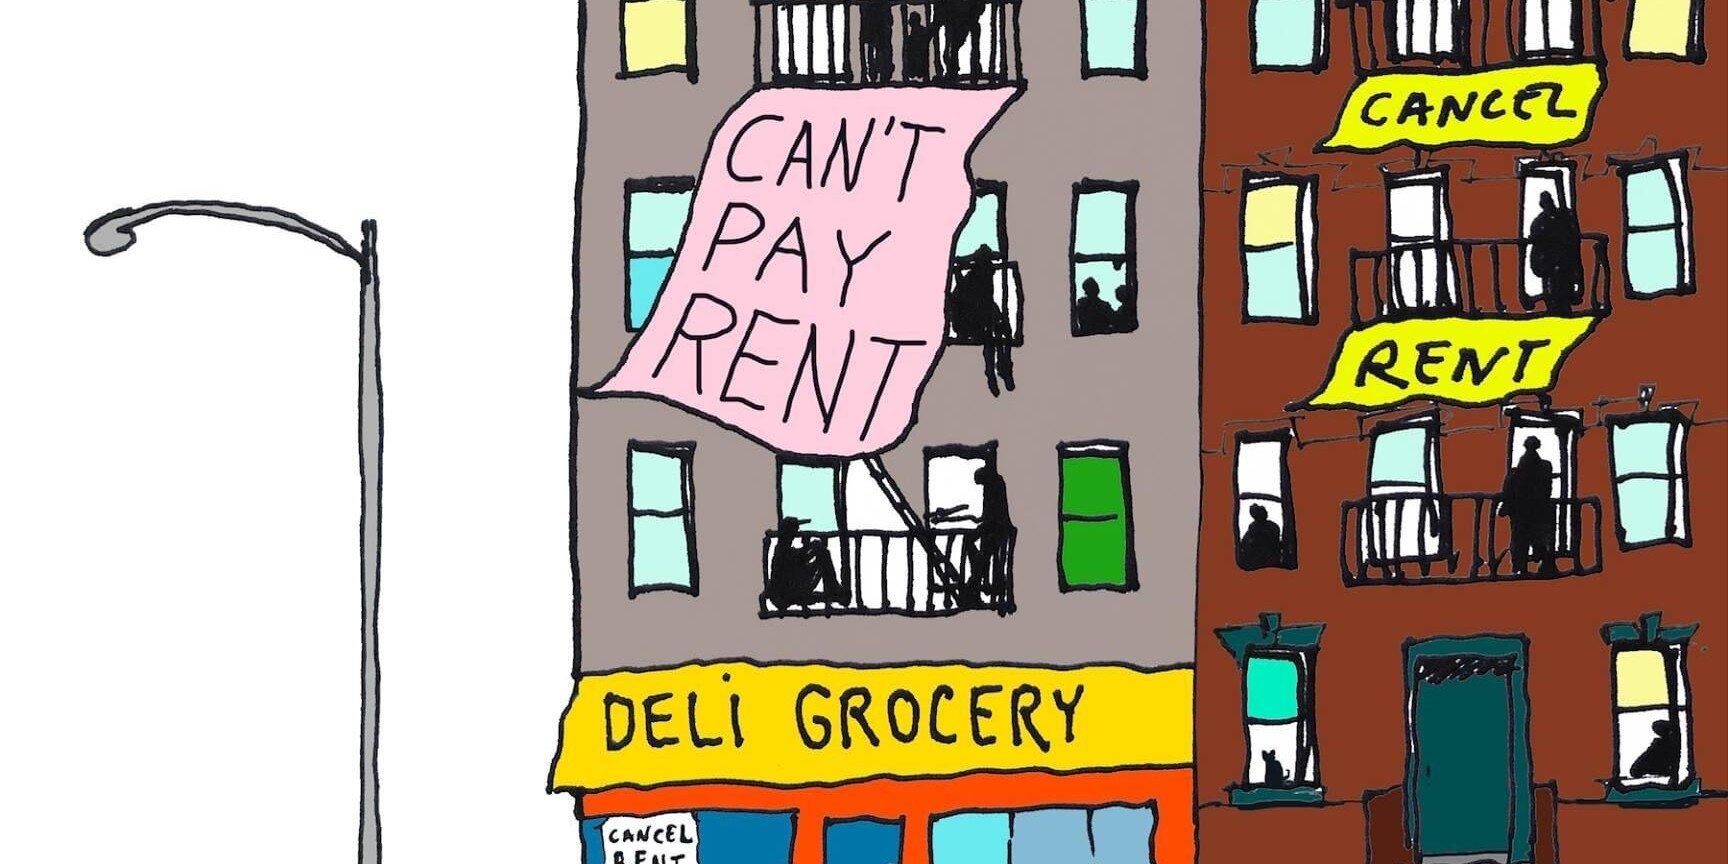 Нью-йорківці почали бойкот проти орендодавців